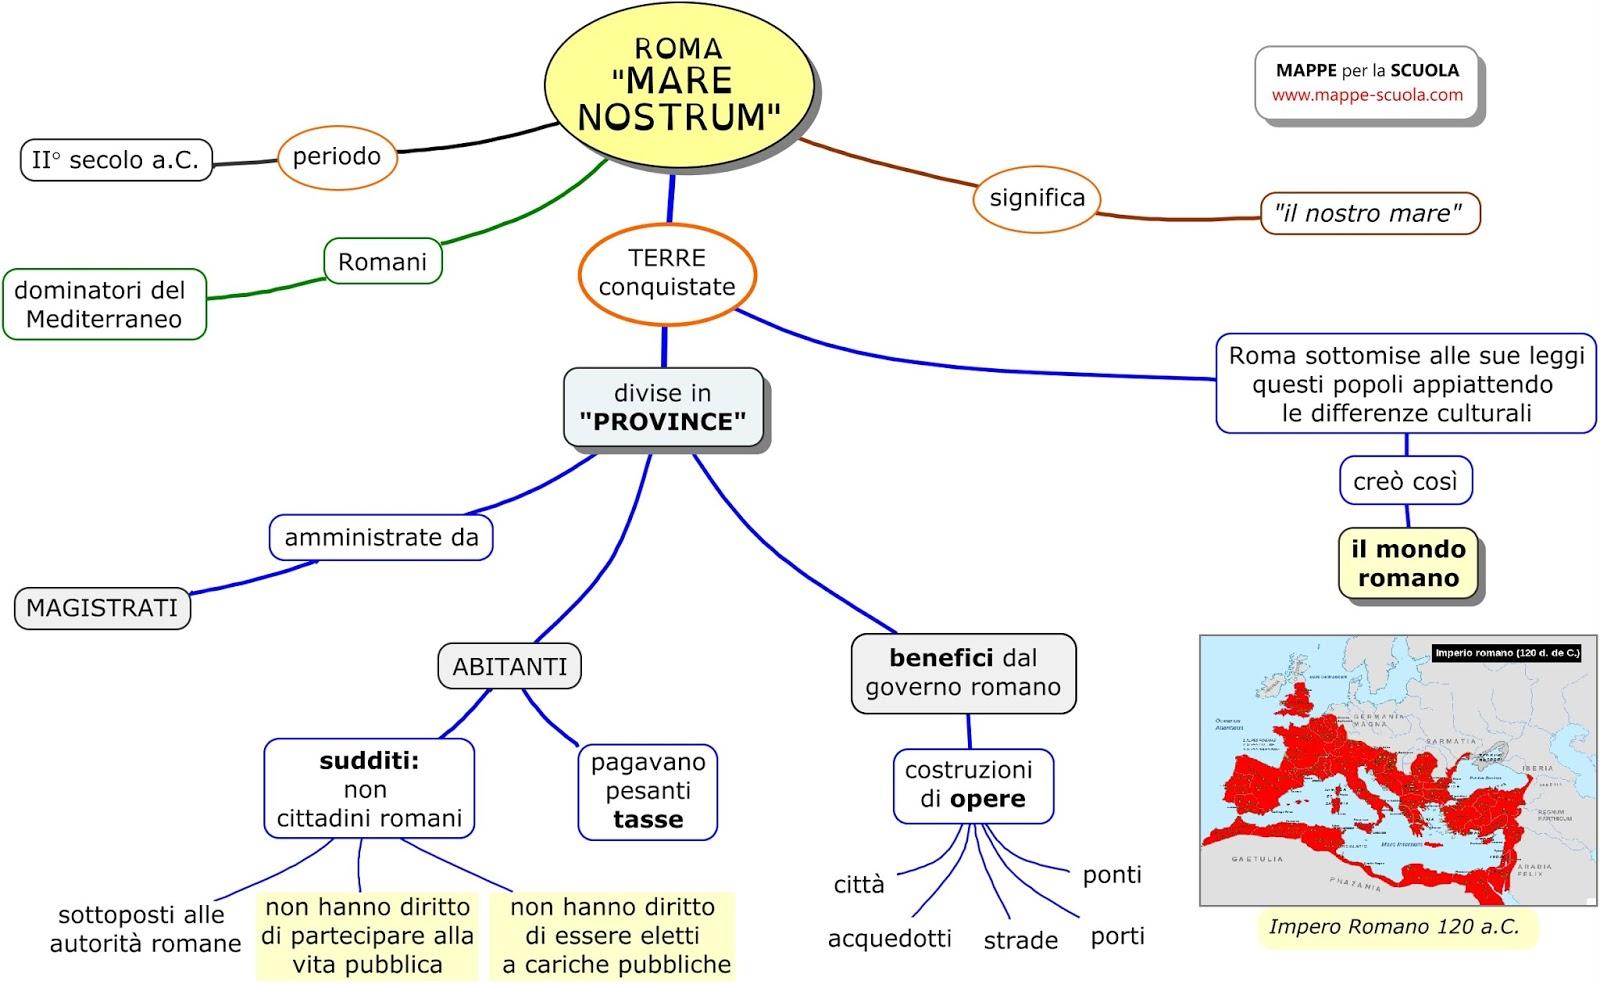 MAPPE per la SCUOLA: MARE NOSTRUM, ROMA